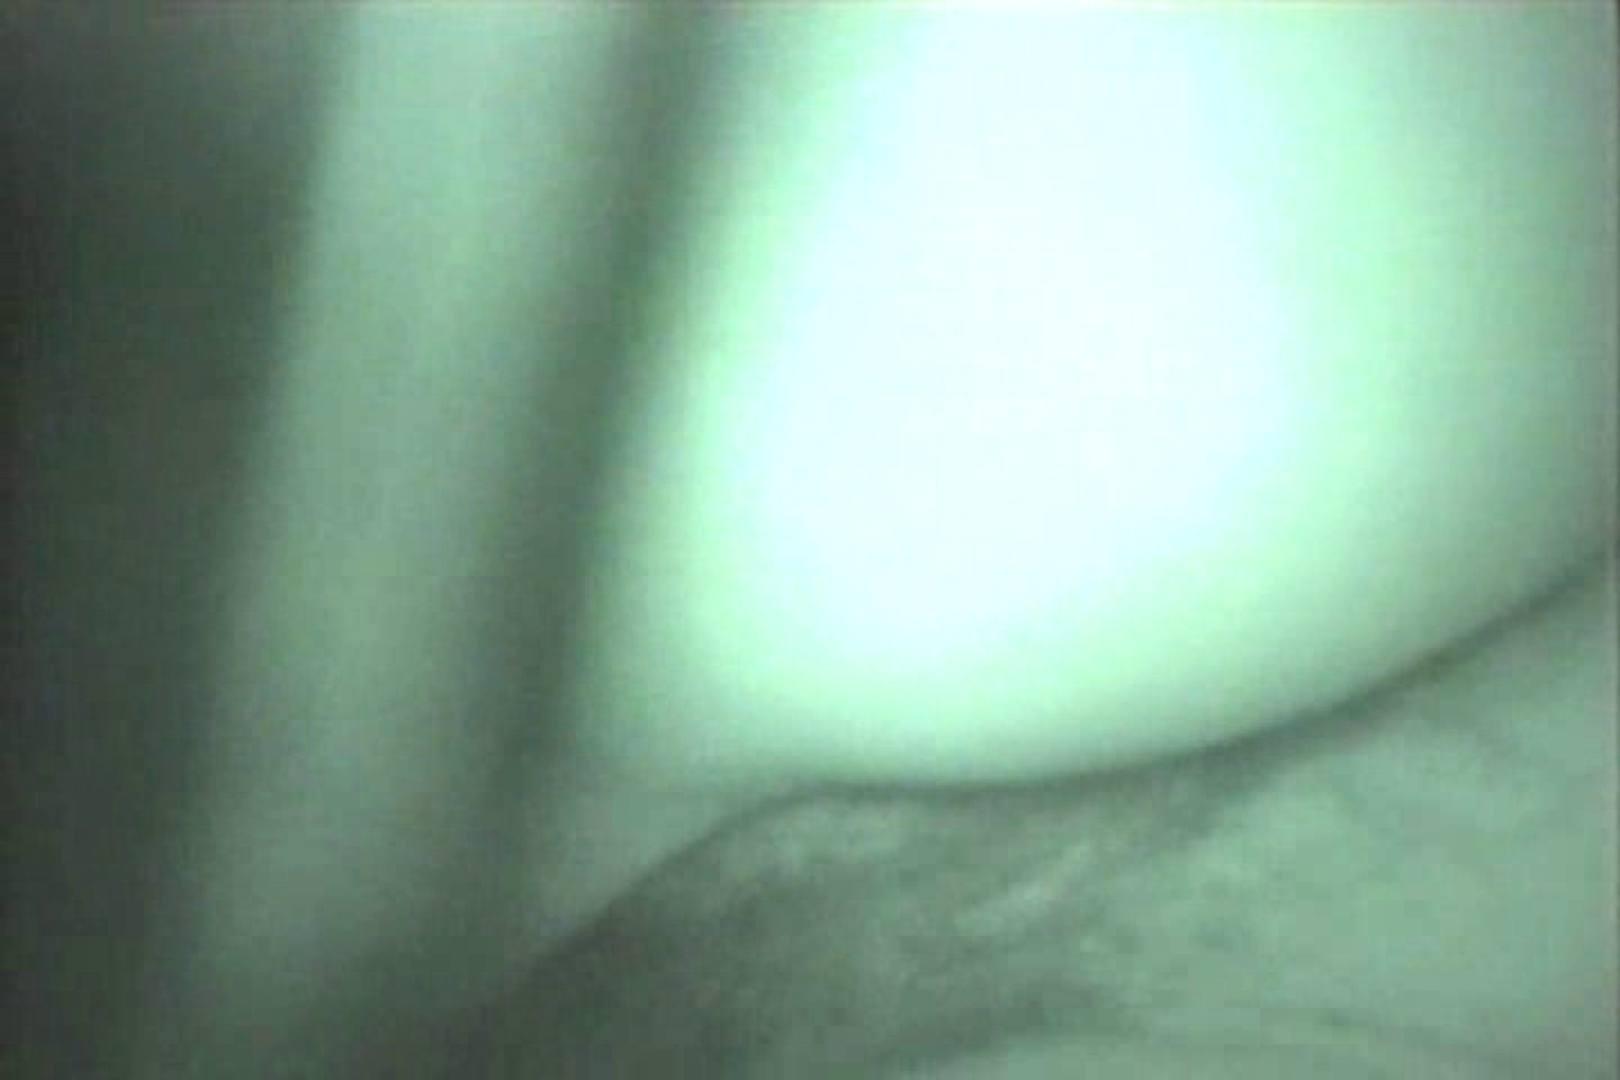 蔵出し!!赤外線カーセックスVol.6 0   0  58画像 52